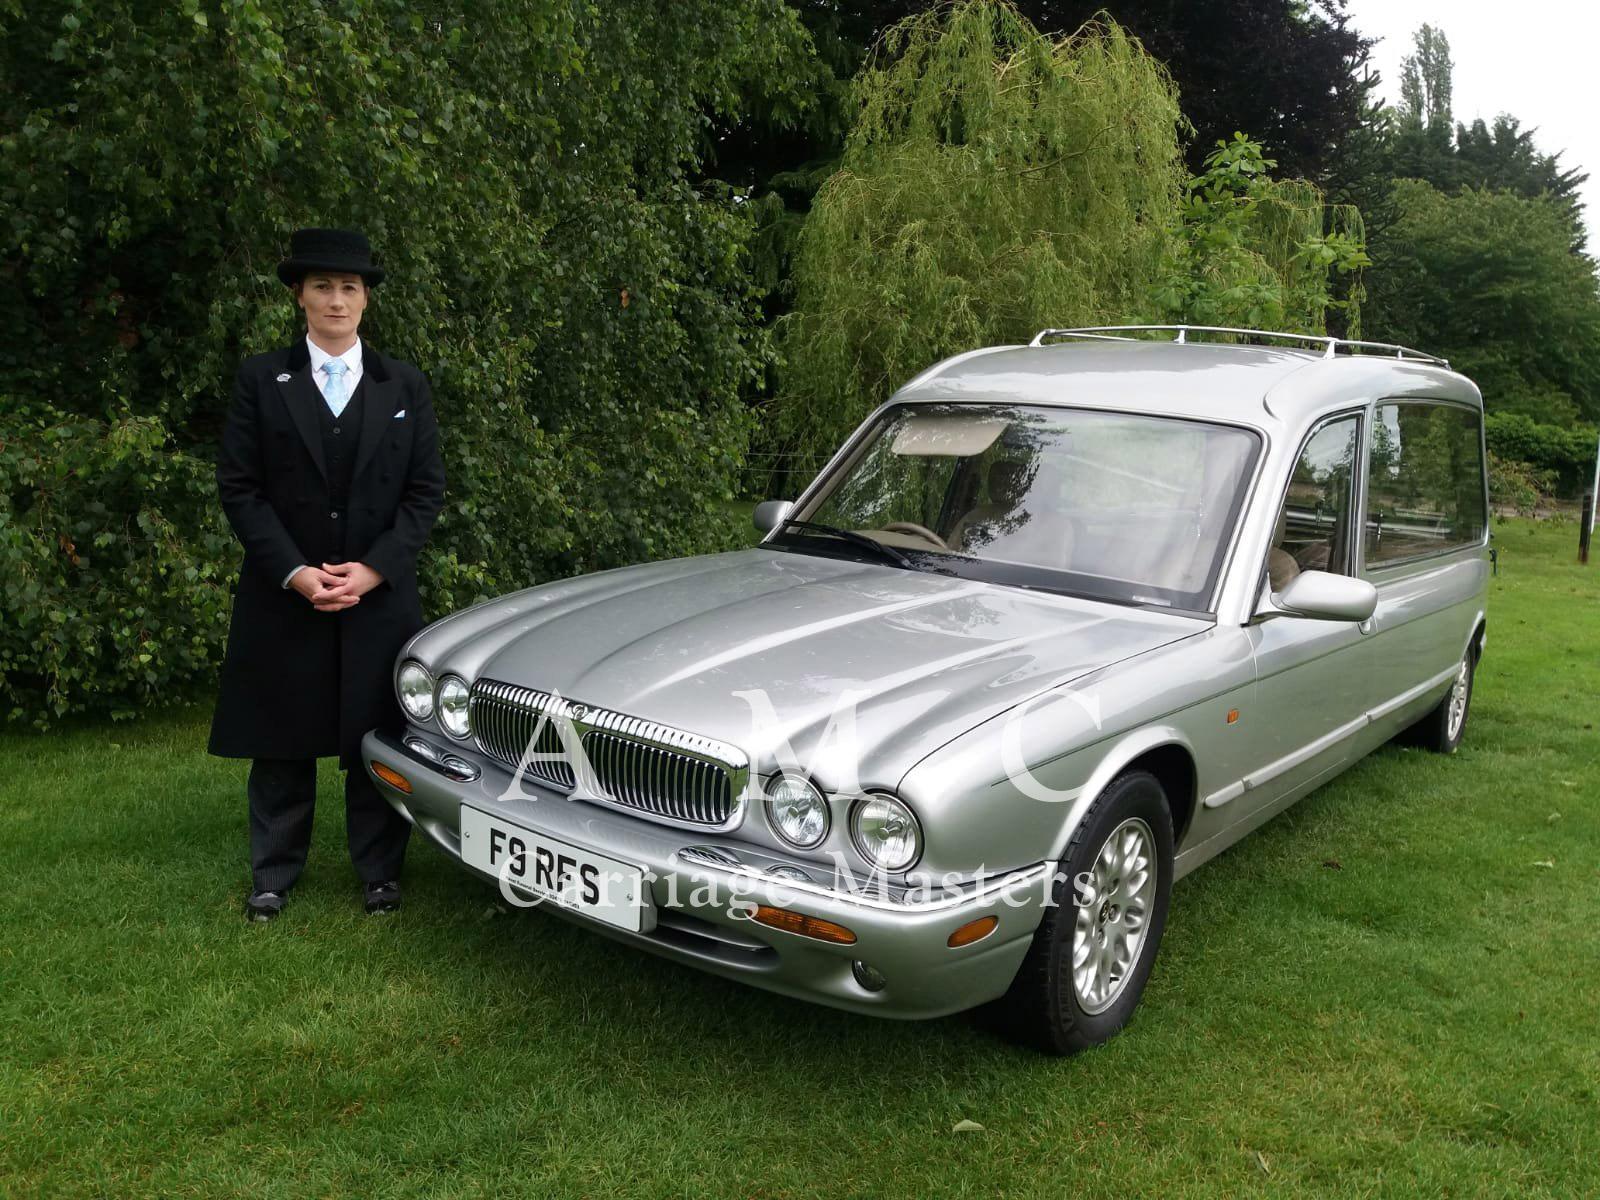 Silver Daimler/Jaguar XJ Hearse